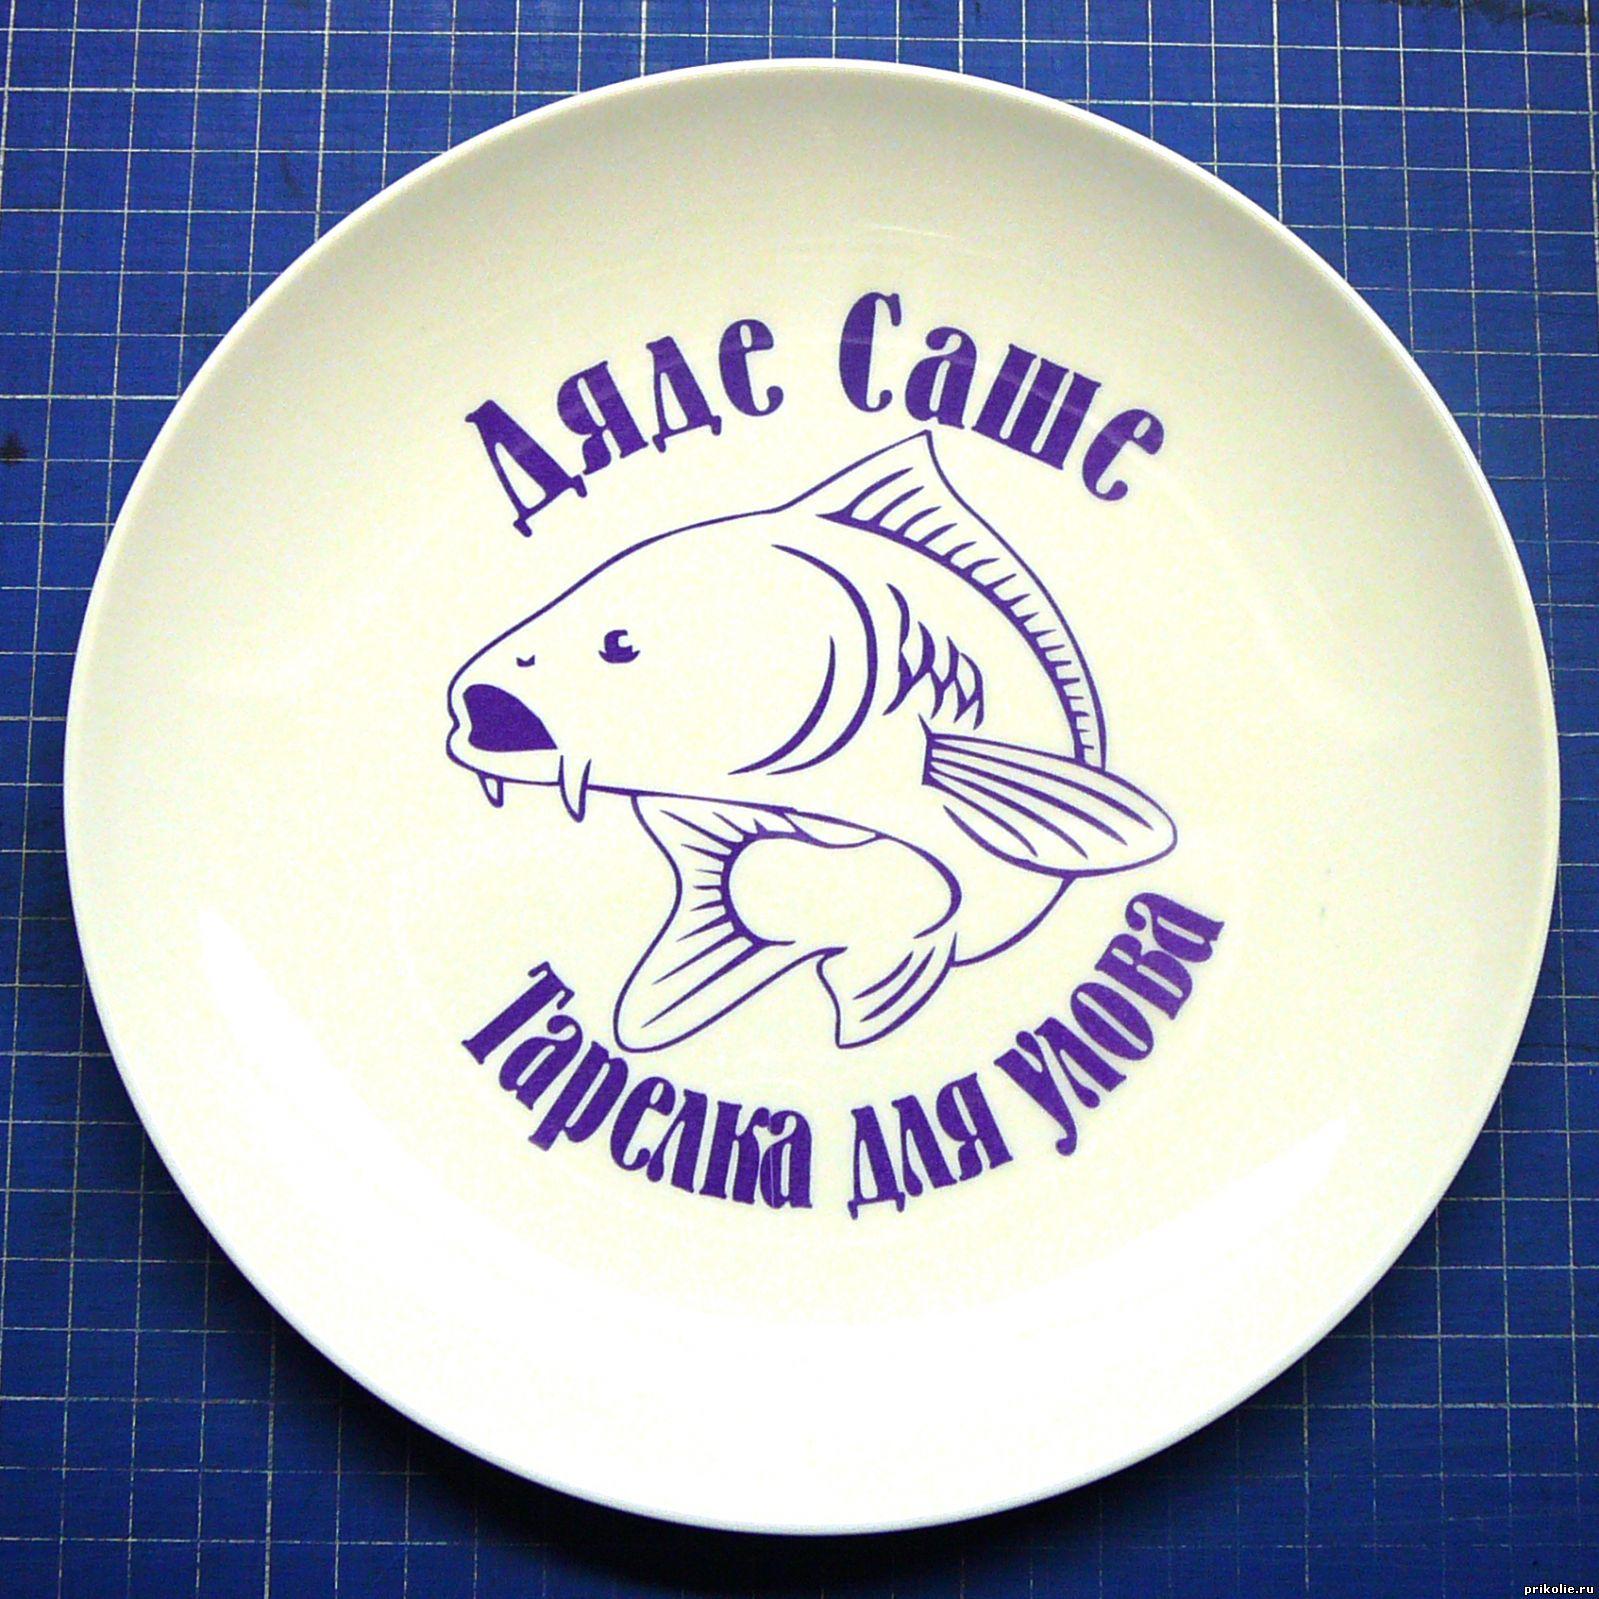 Надписи, рисунки и фотографии на тарелках